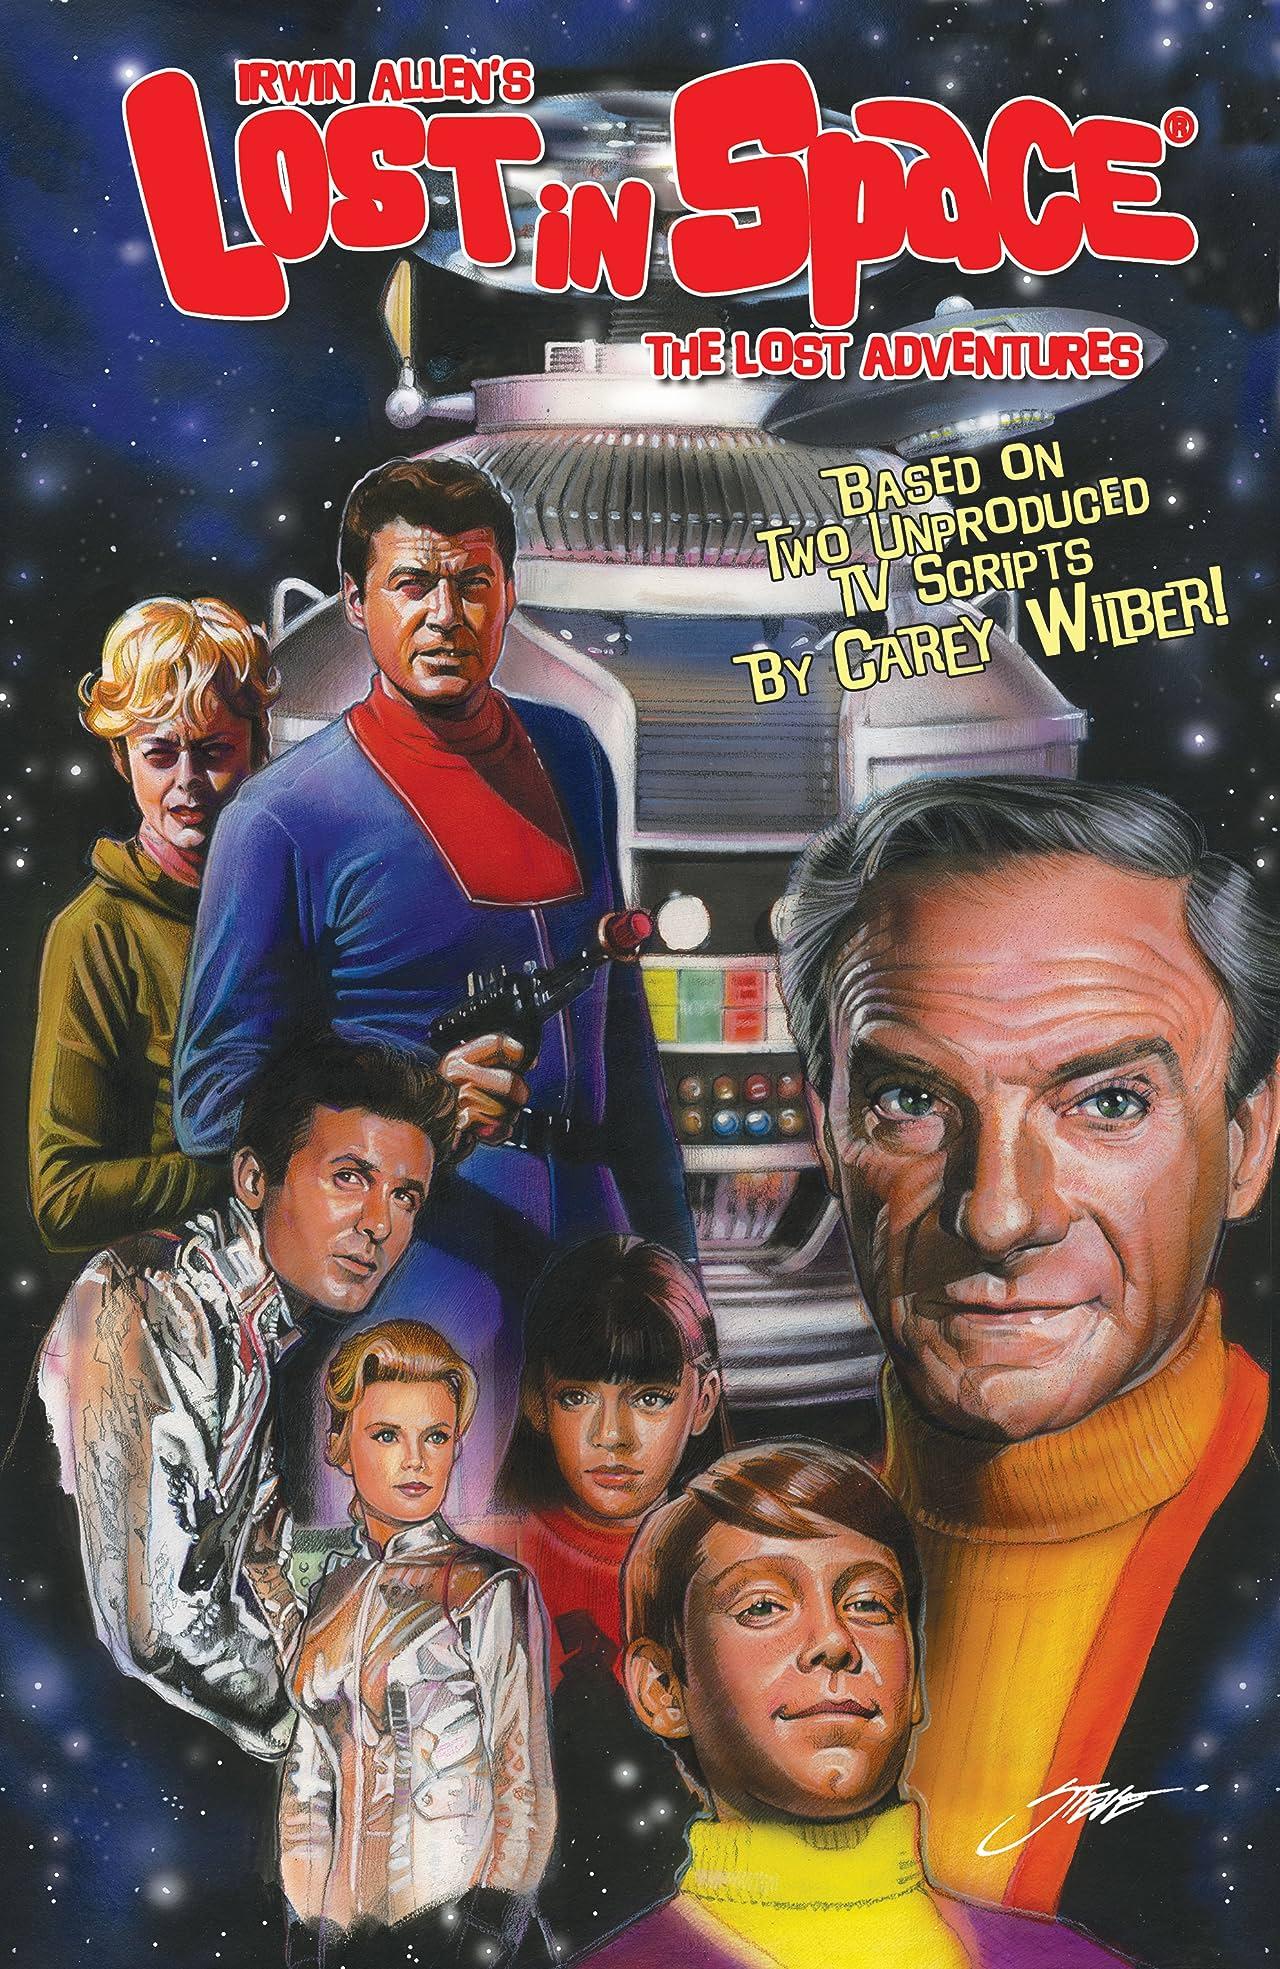 Irwin Allen's Lost In Space: The Lost Adventures #1